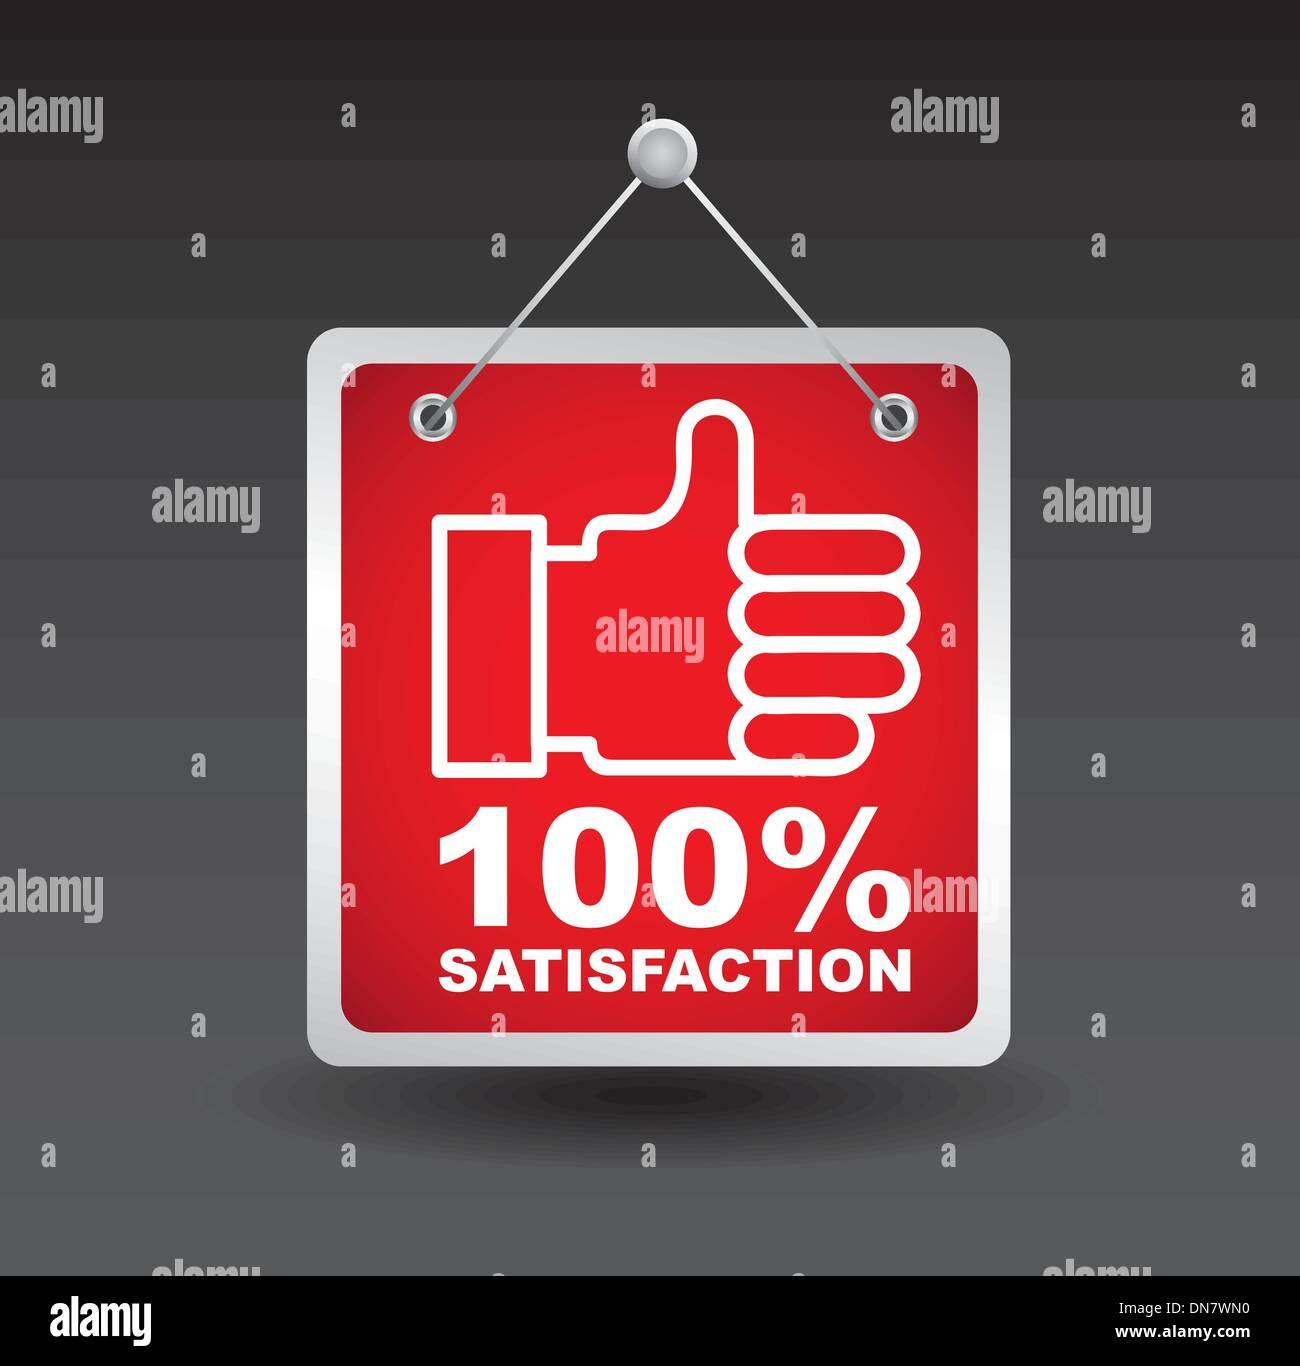 satisfaction - Stock Image